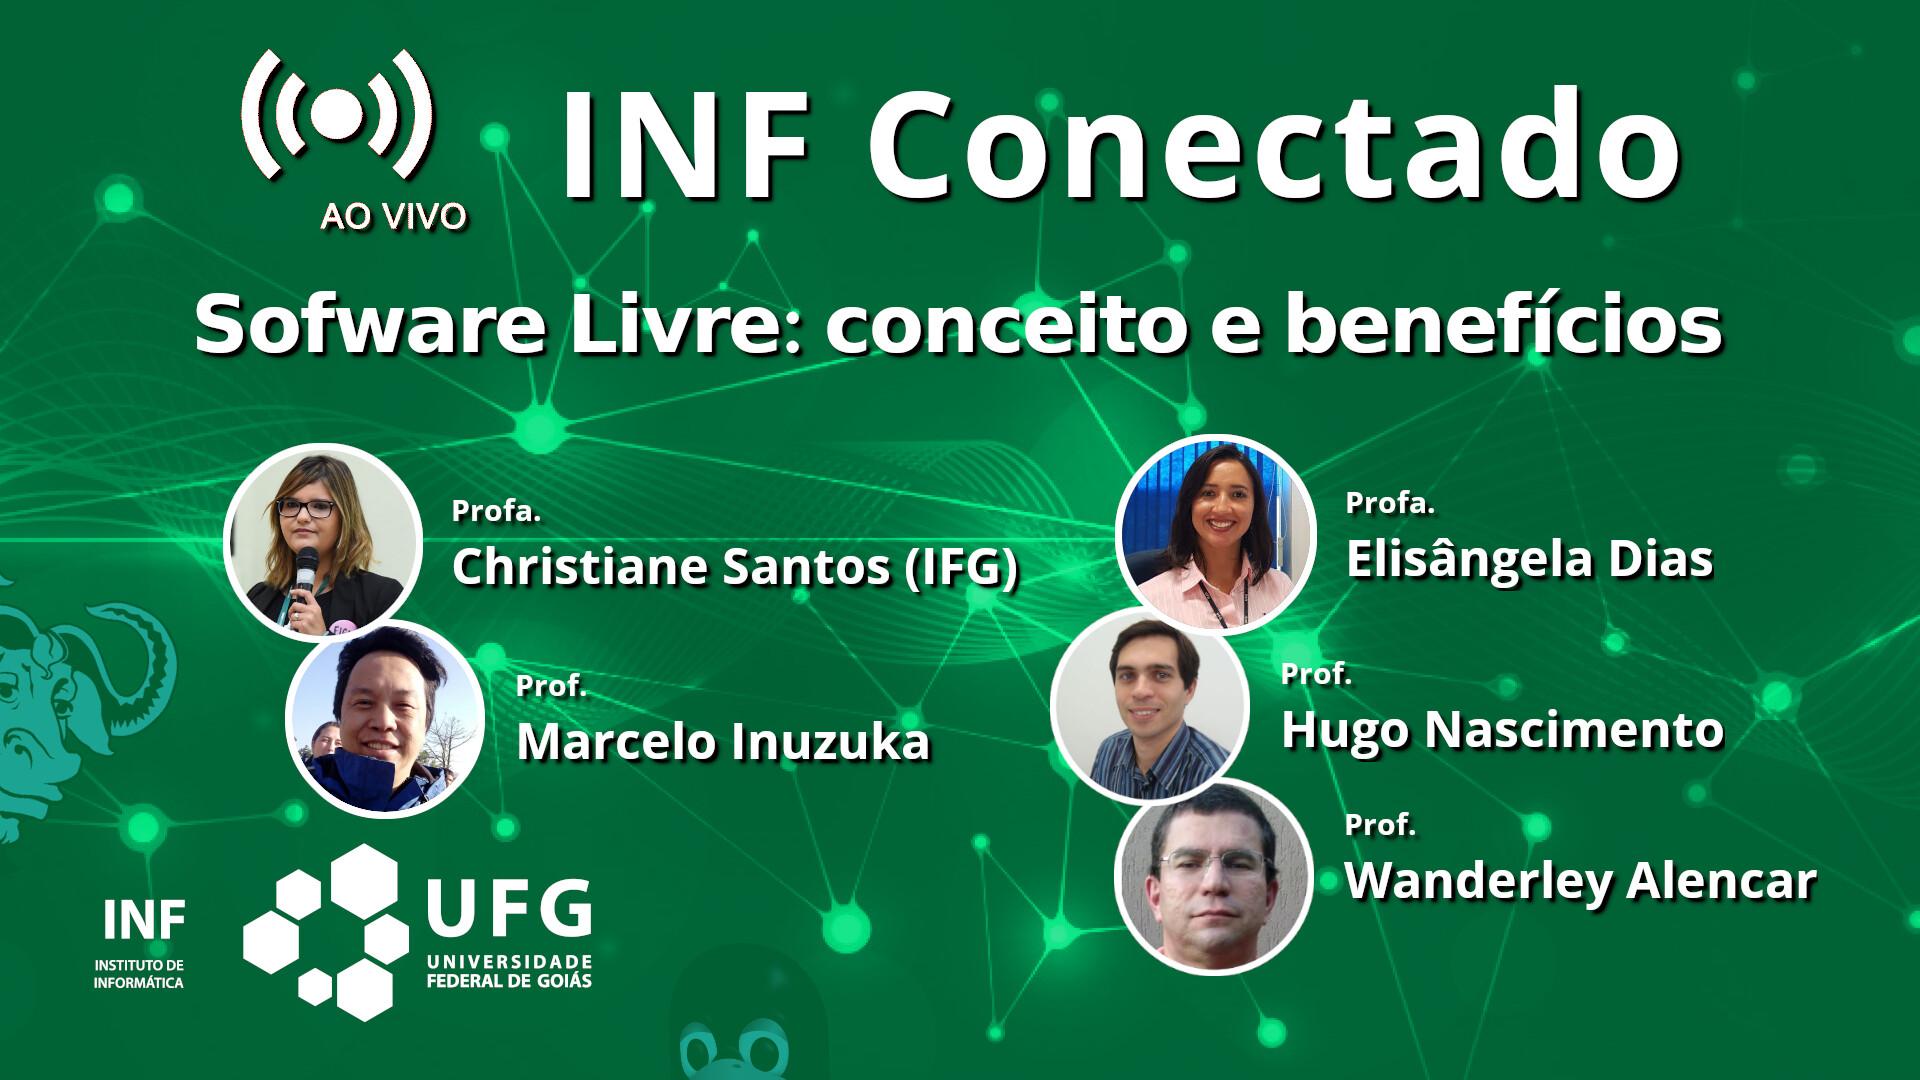 INF Conectado - YouTube - 02